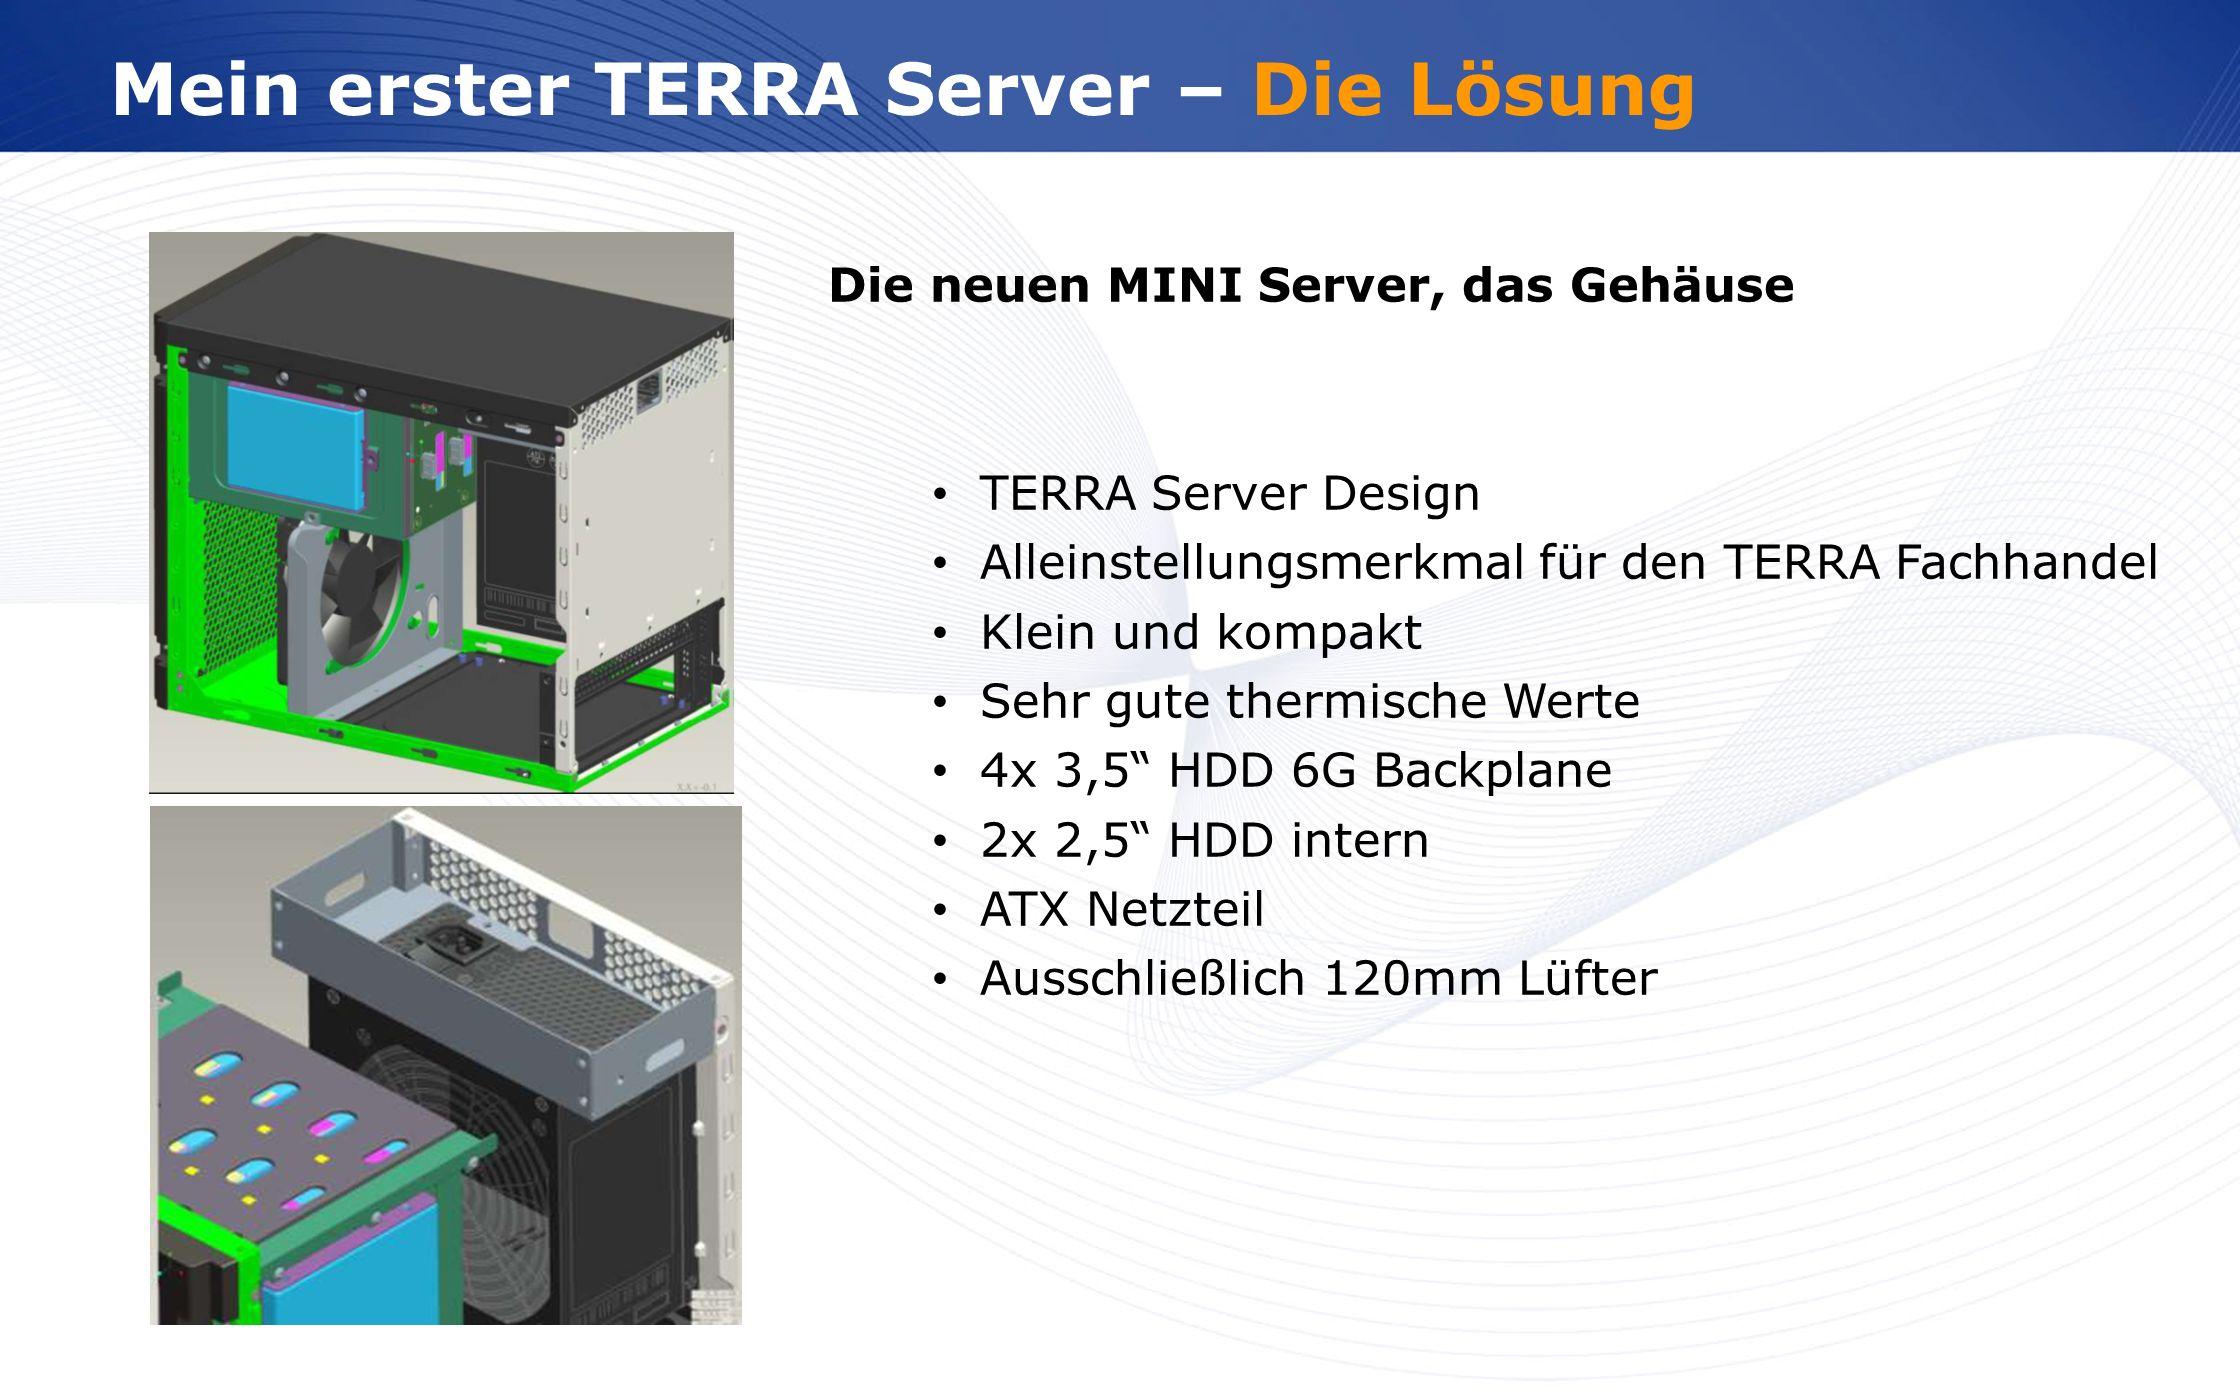 www.wortmann.de Mein erster TERRA Server – Die Lösung Die neuen MINI Server, das Gehäuse TERRA Server Design Alleinstellungsmerkmal für den TERRA Fachhandel Klein und kompakt Sehr gute thermische Werte 4x 3,5 HDD 6G Backplane 2x 2,5 HDD intern ATX Netzteil Ausschließlich 120mm Lüfter